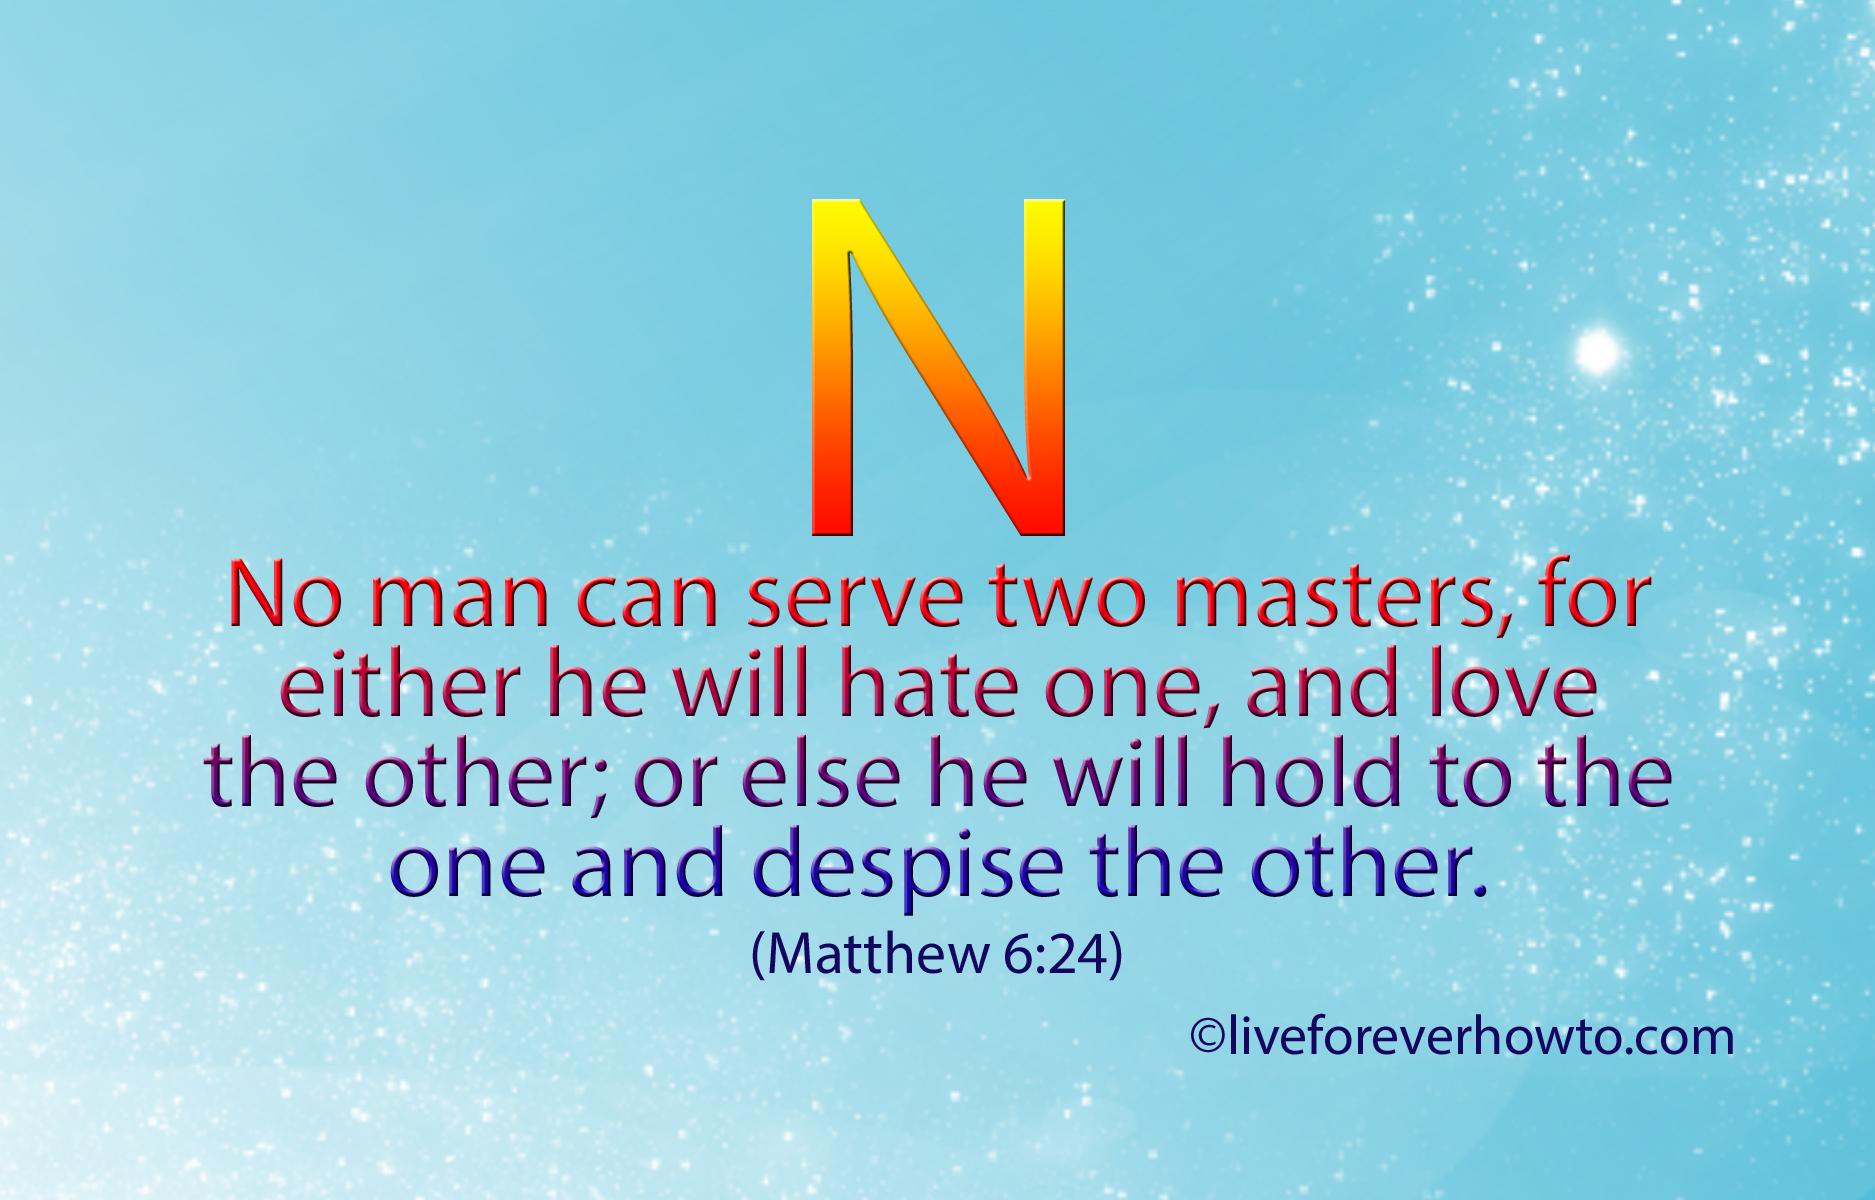 Bildresultat för Matthew 6:24